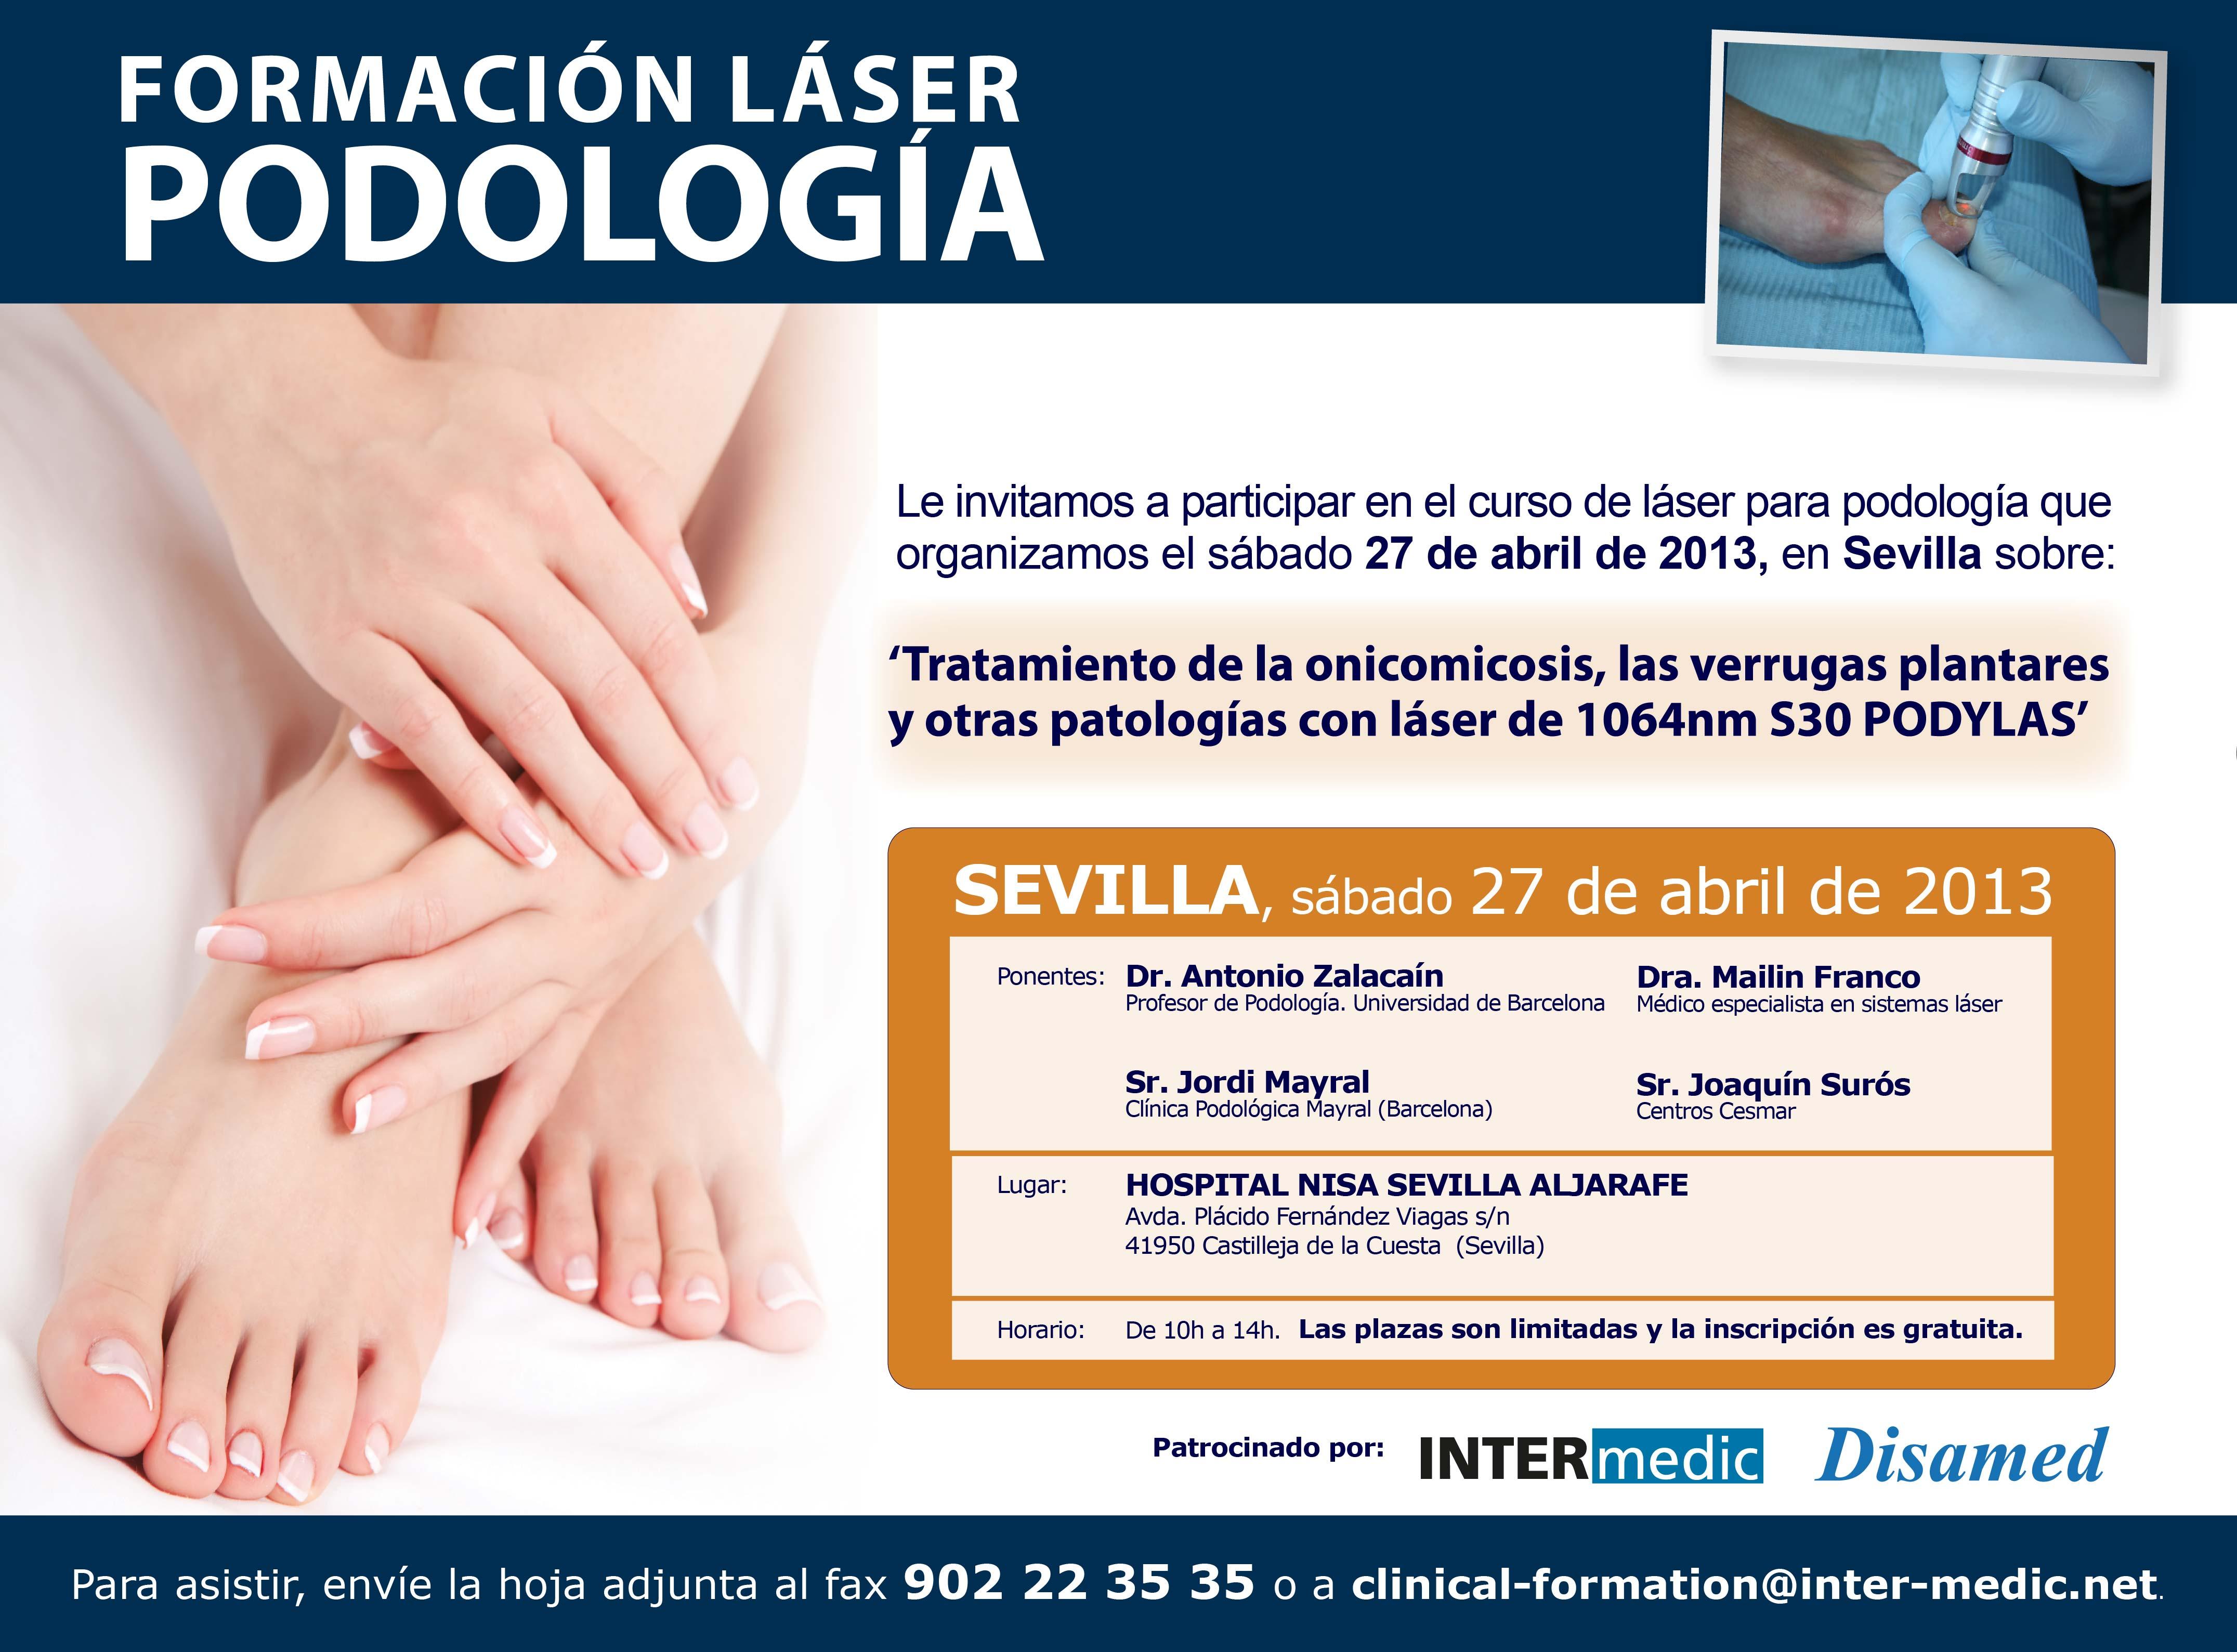 Curso Podologia Sevilla